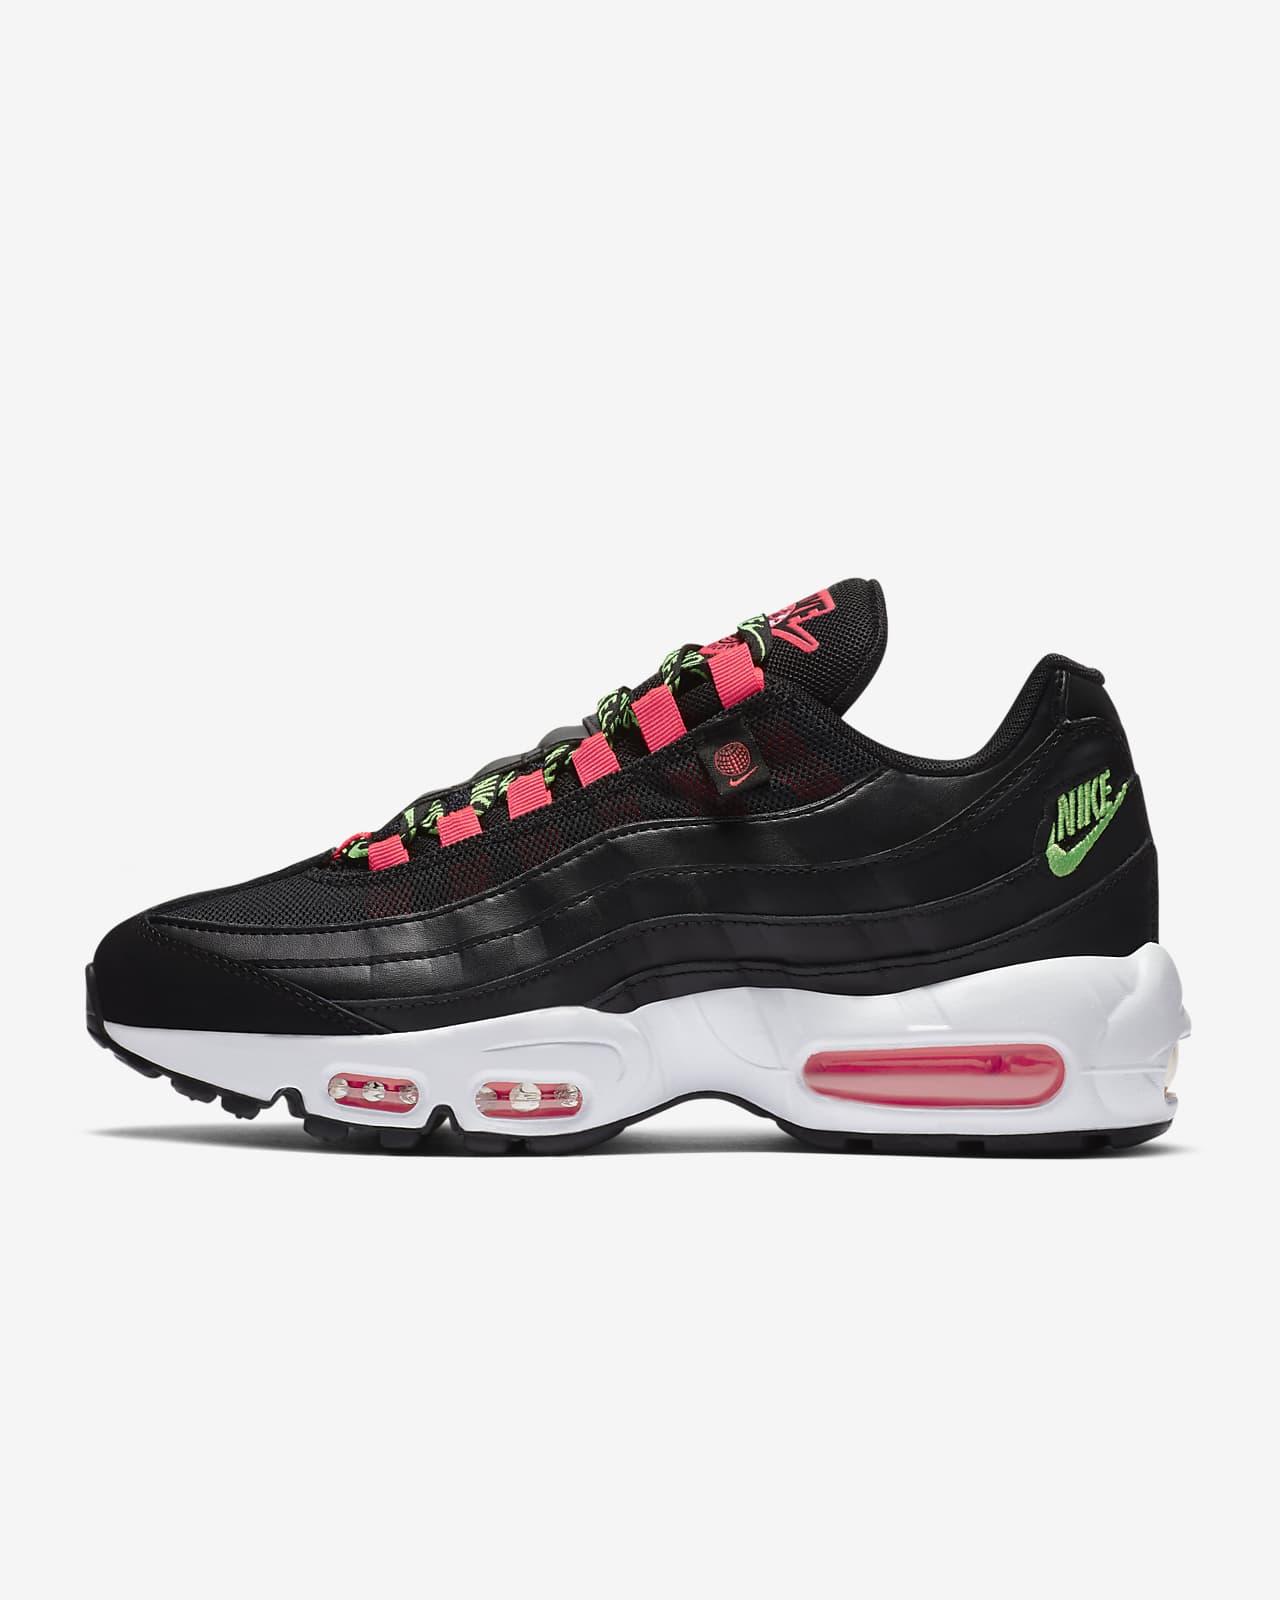 nike femme chaussure air max 95